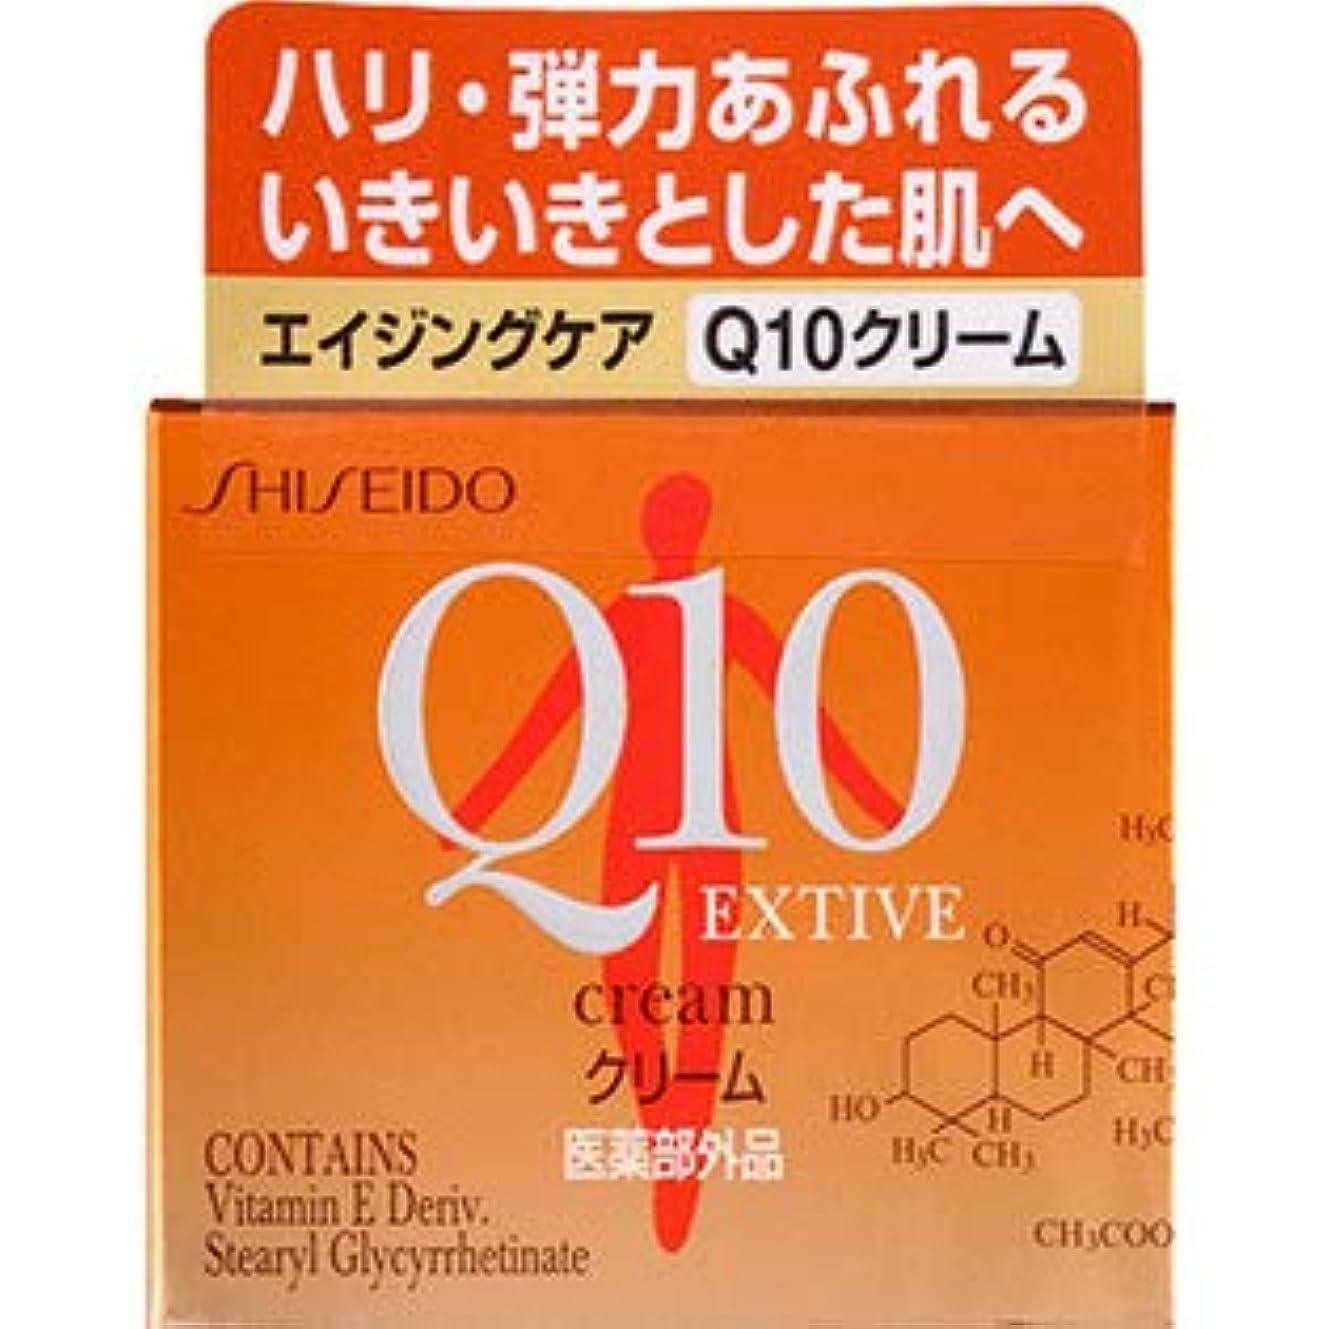 霧国勢調査罪Q10 エクティブクリームN30g【医薬部外品】